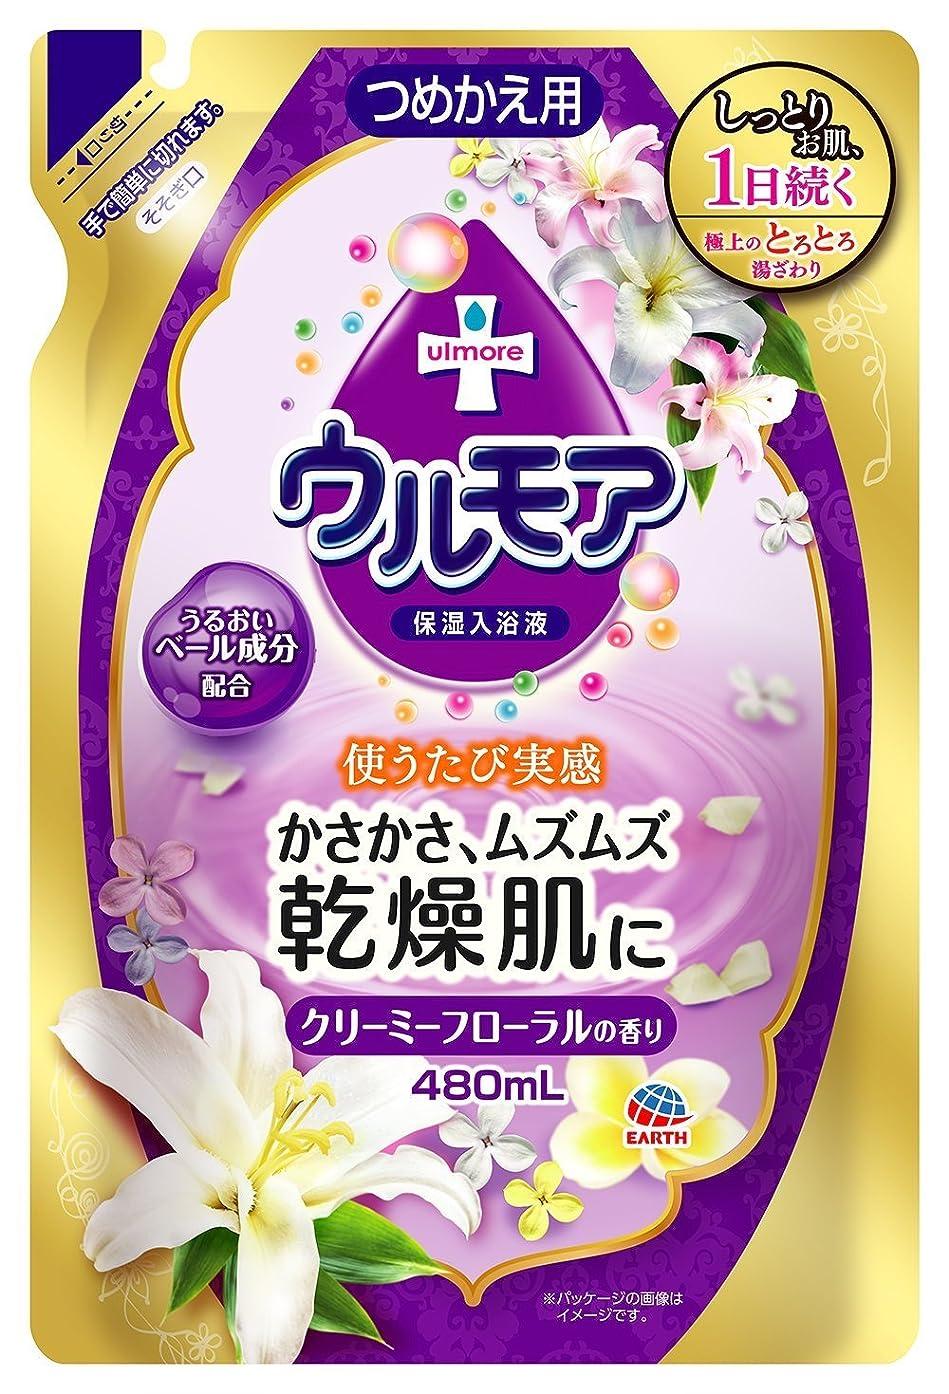 瞳特別に宣言【アース製薬】アース 保湿入浴液 ウルモア クリーミーフローラル つめかえ用 480ml ×3個セット